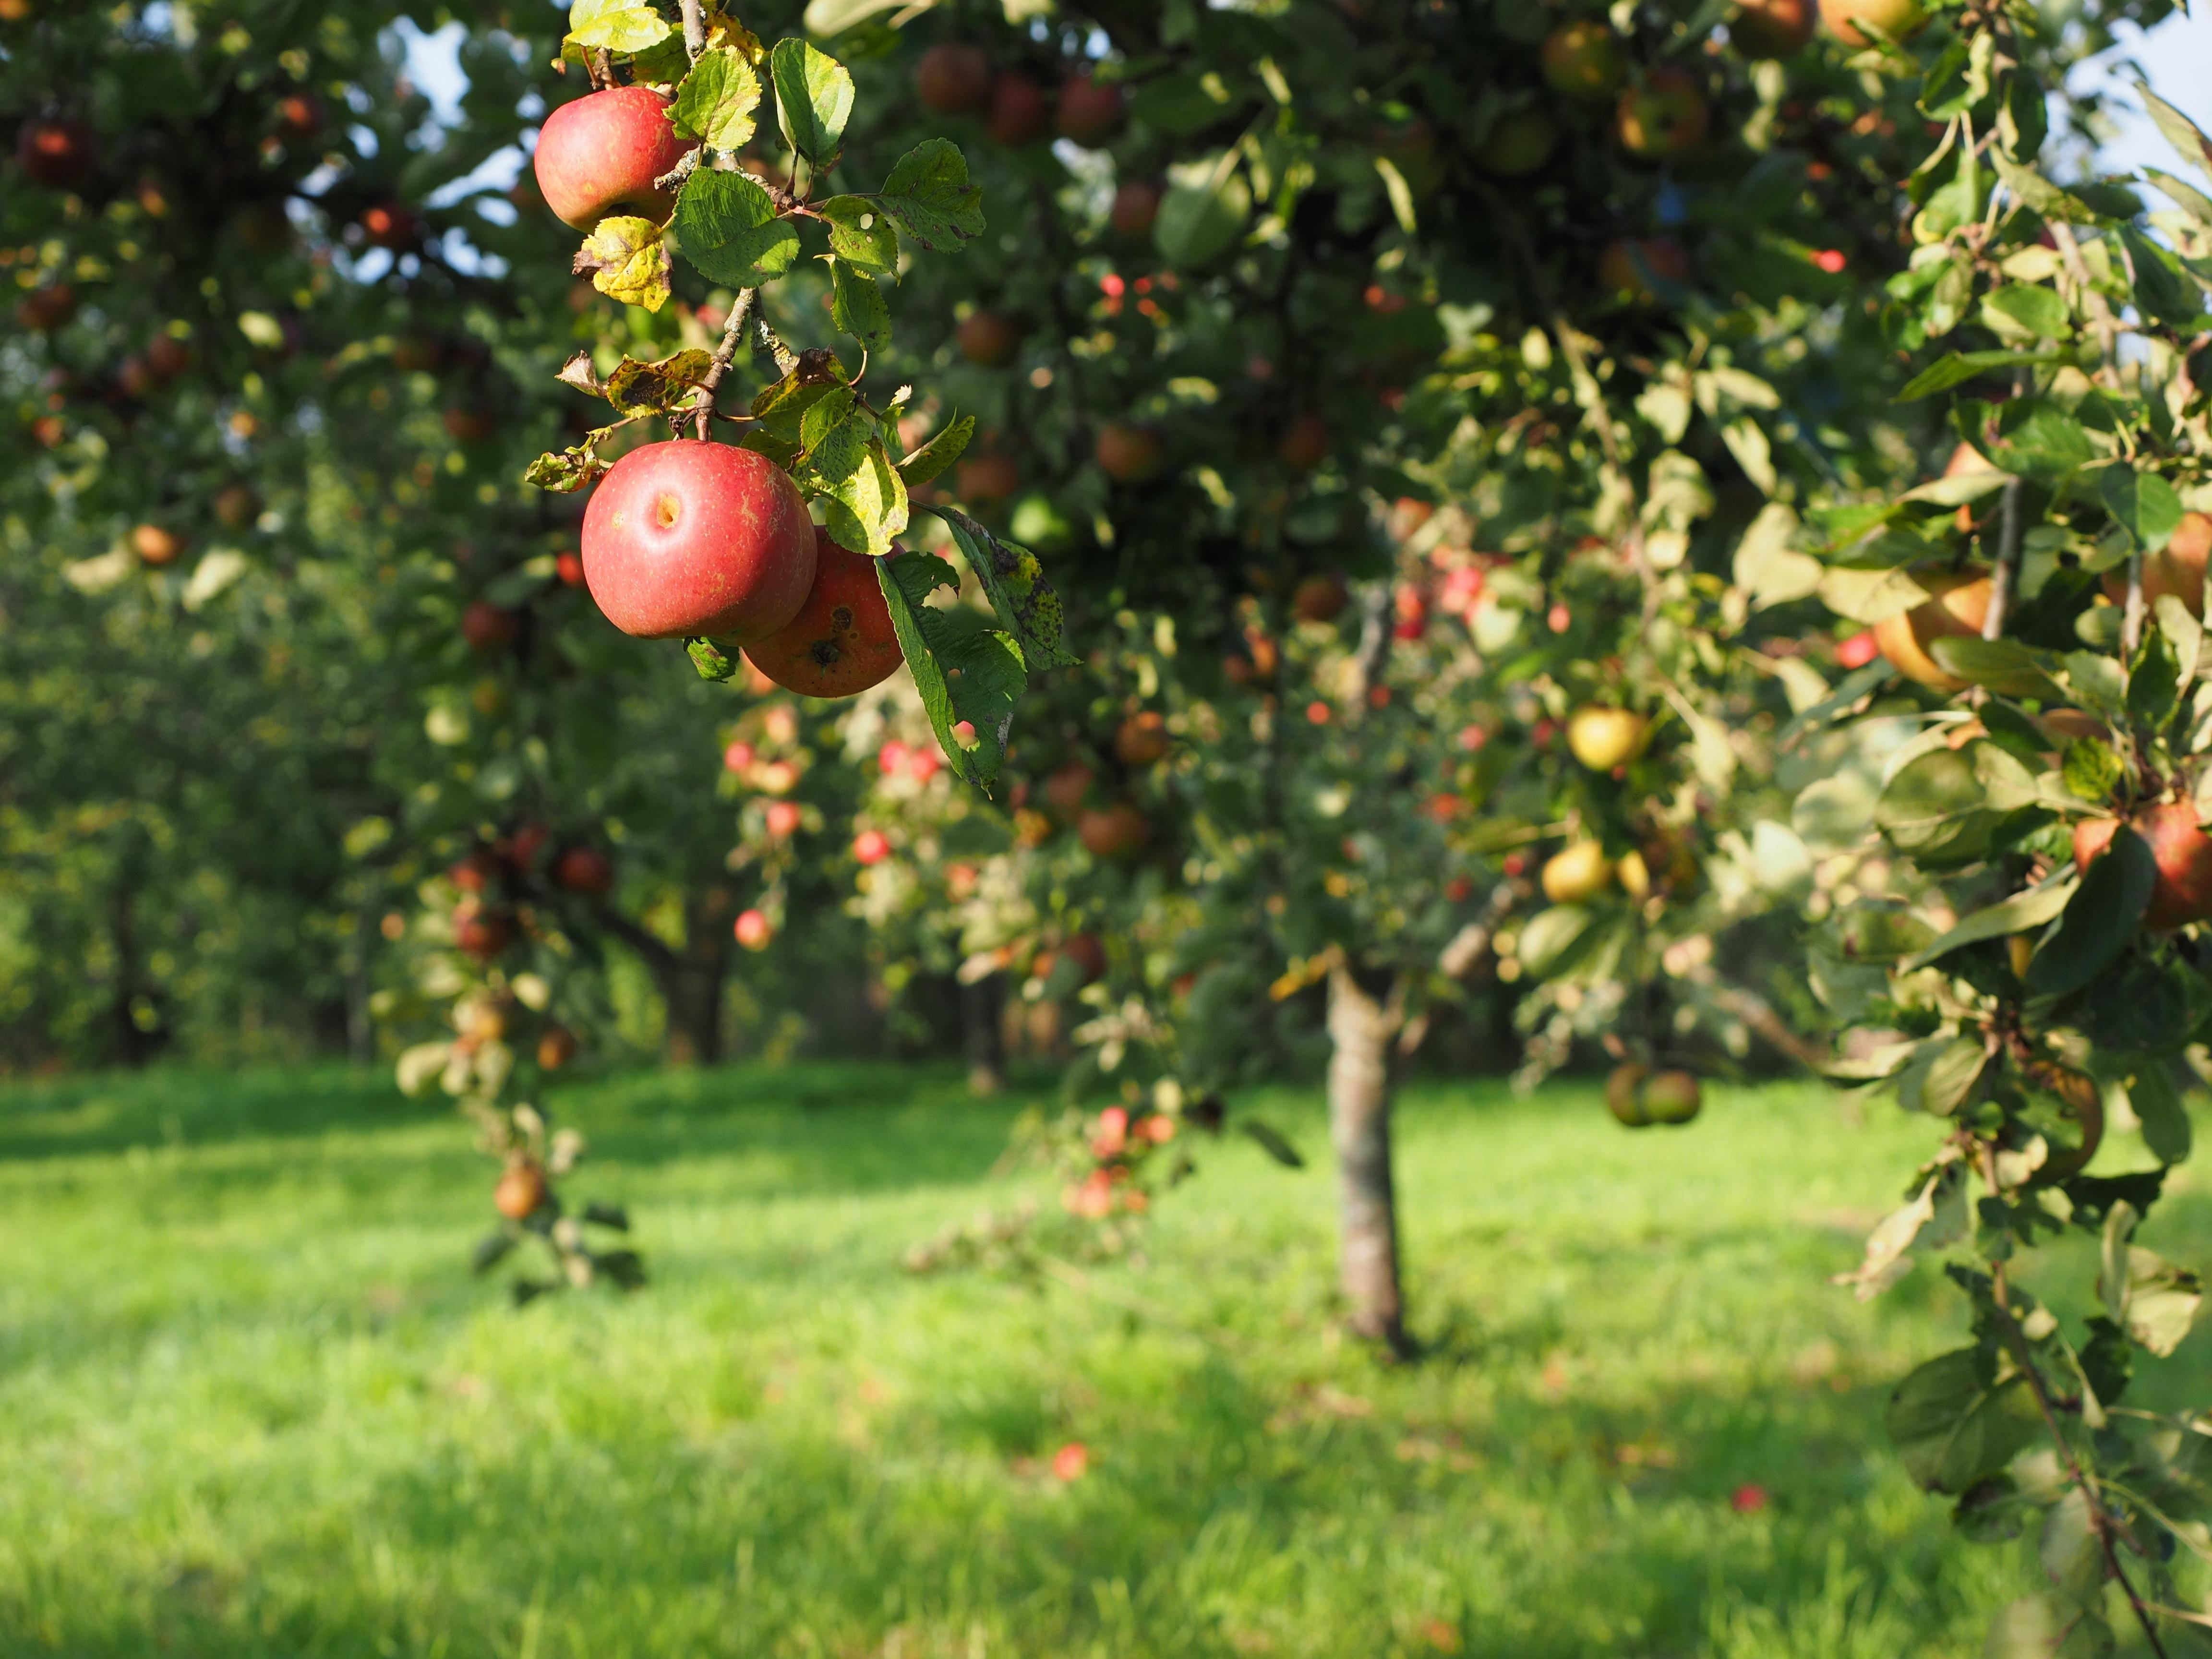 Картинки с яблоней и яблоками